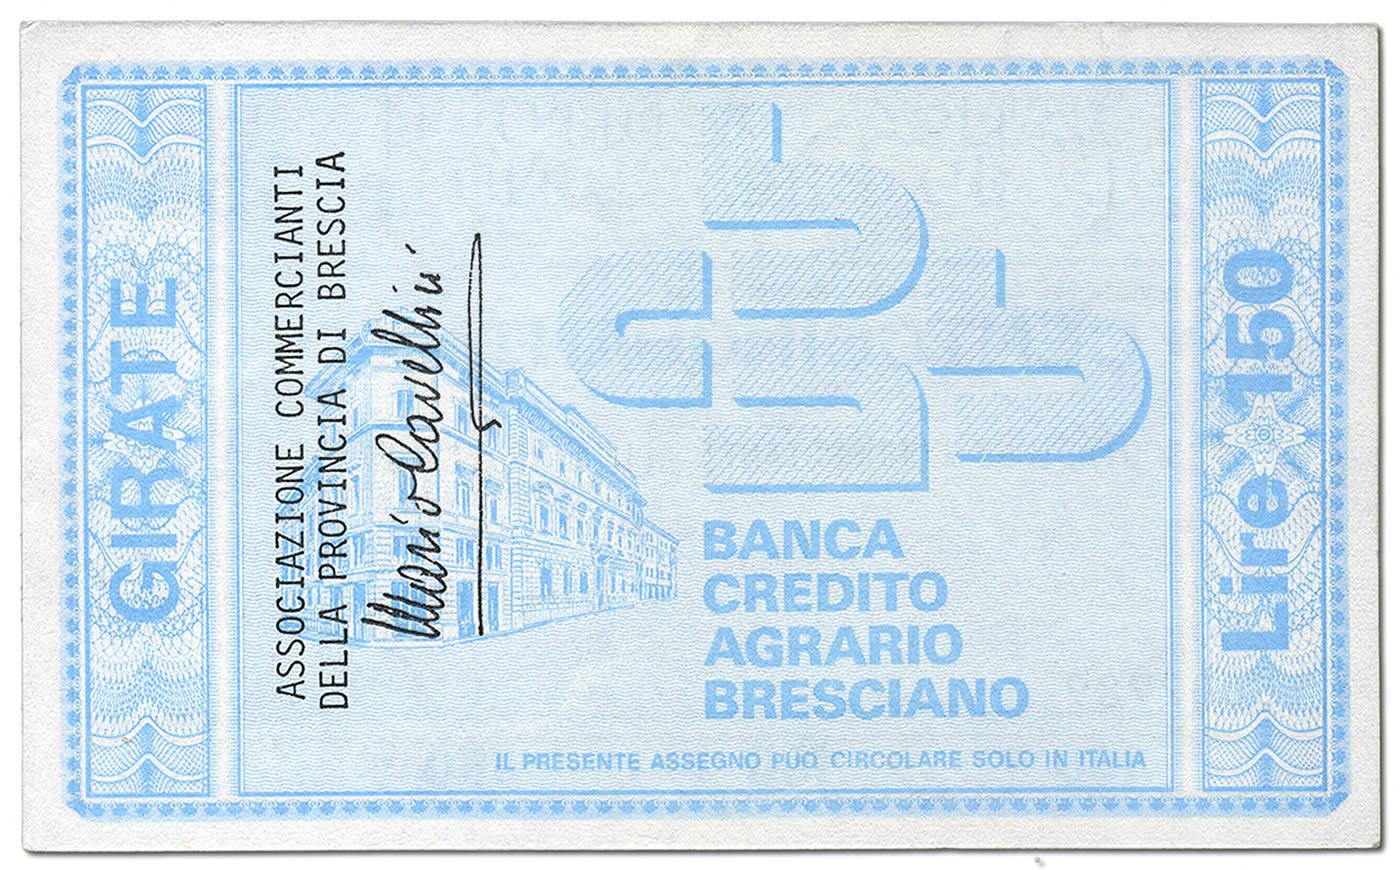 Retro del miniassegno da 150 lire della Banca Credito Agrario Bresciano